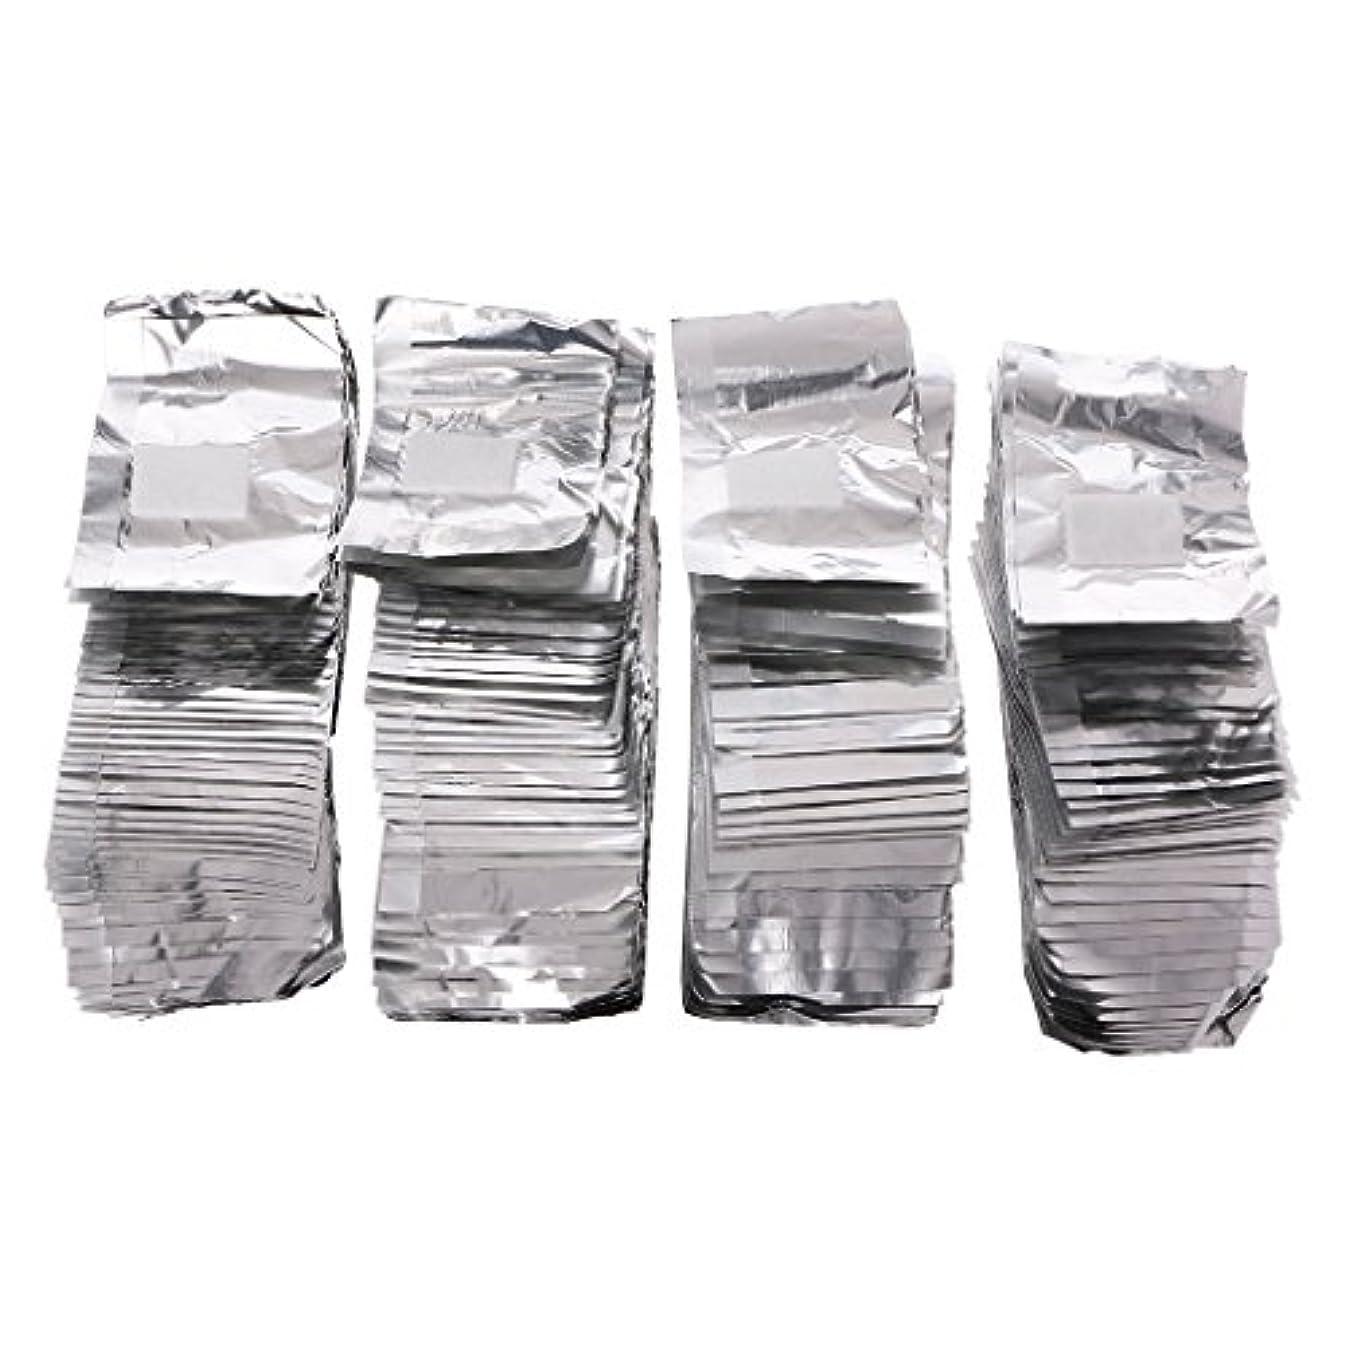 韓国正確な見捨てるジャッキーネイルアートアンロードスズ箔200Pcピースアルミホイルネイルアートソークオフアクリルジェルポリッシュネイルラップリムーバー